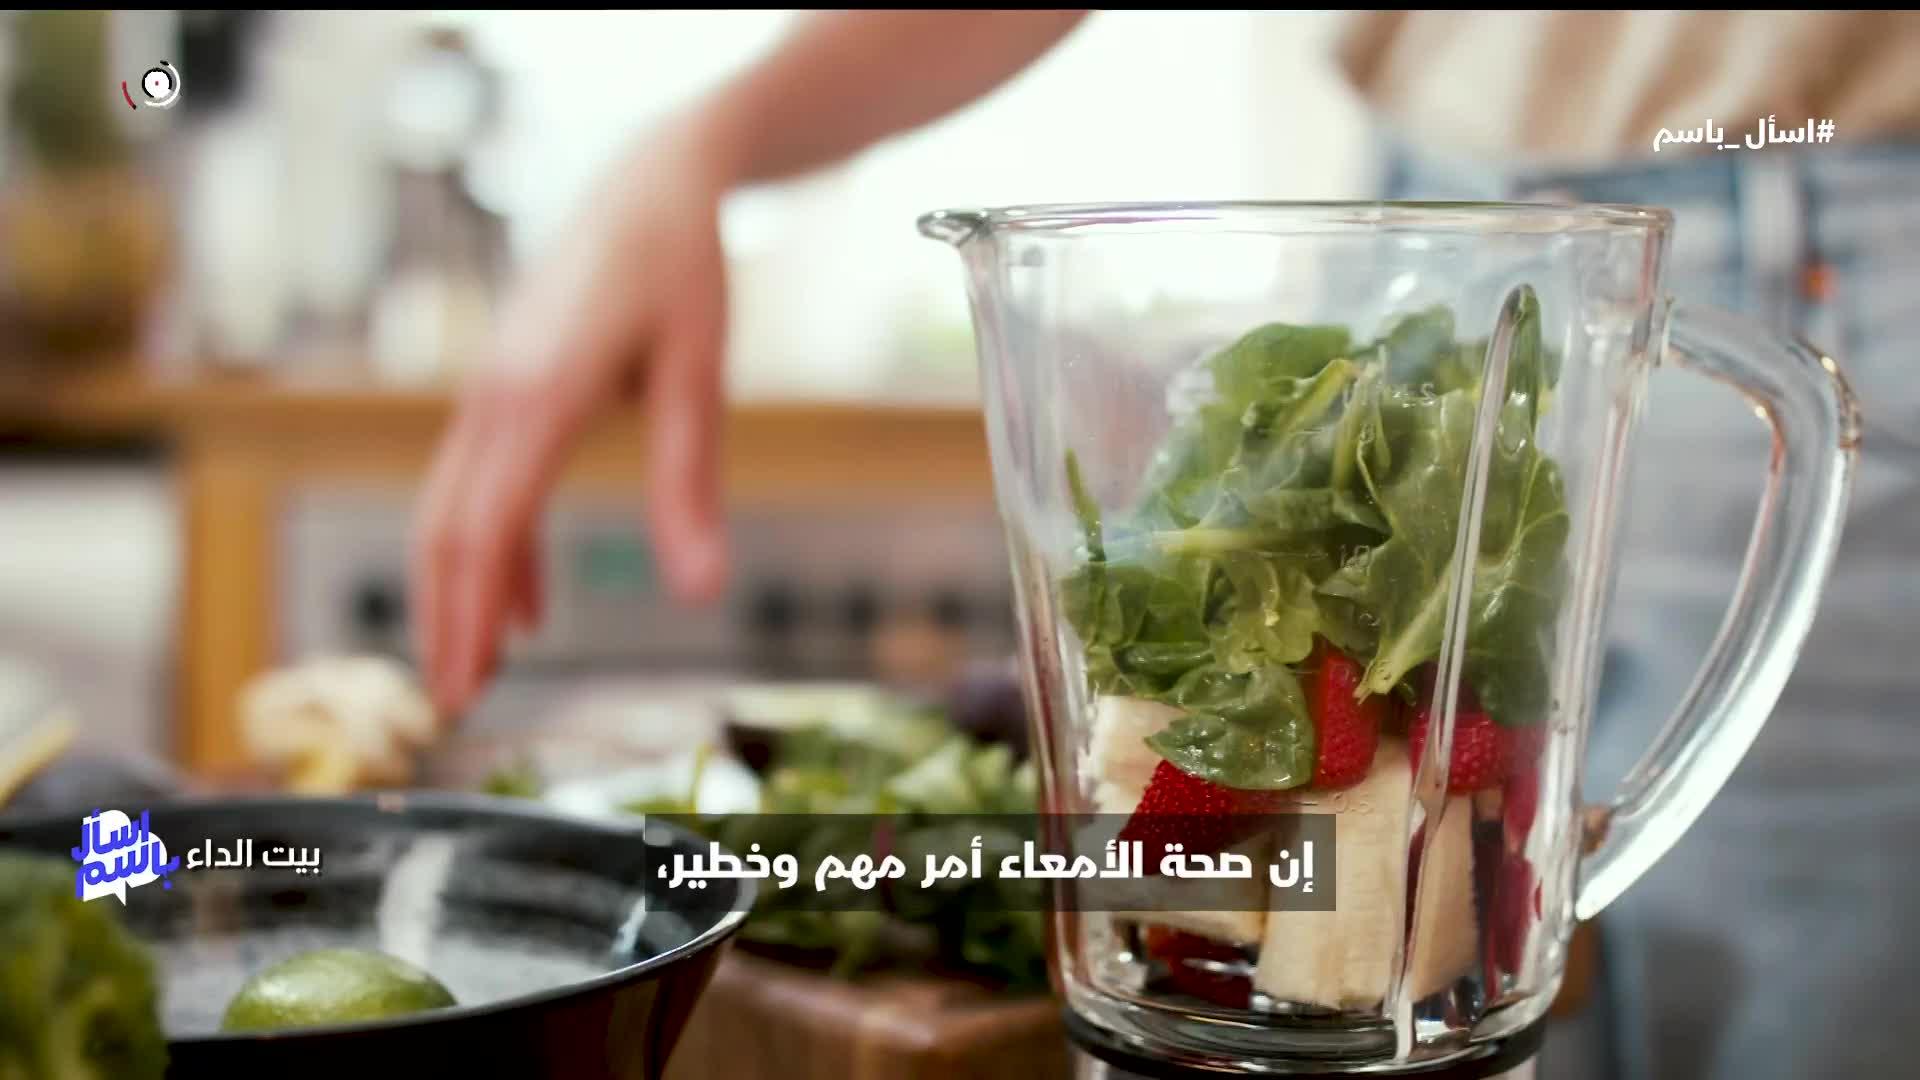 ما ذا يحدث عند استهلاكنا للأكل النباتي المتكامل ؟